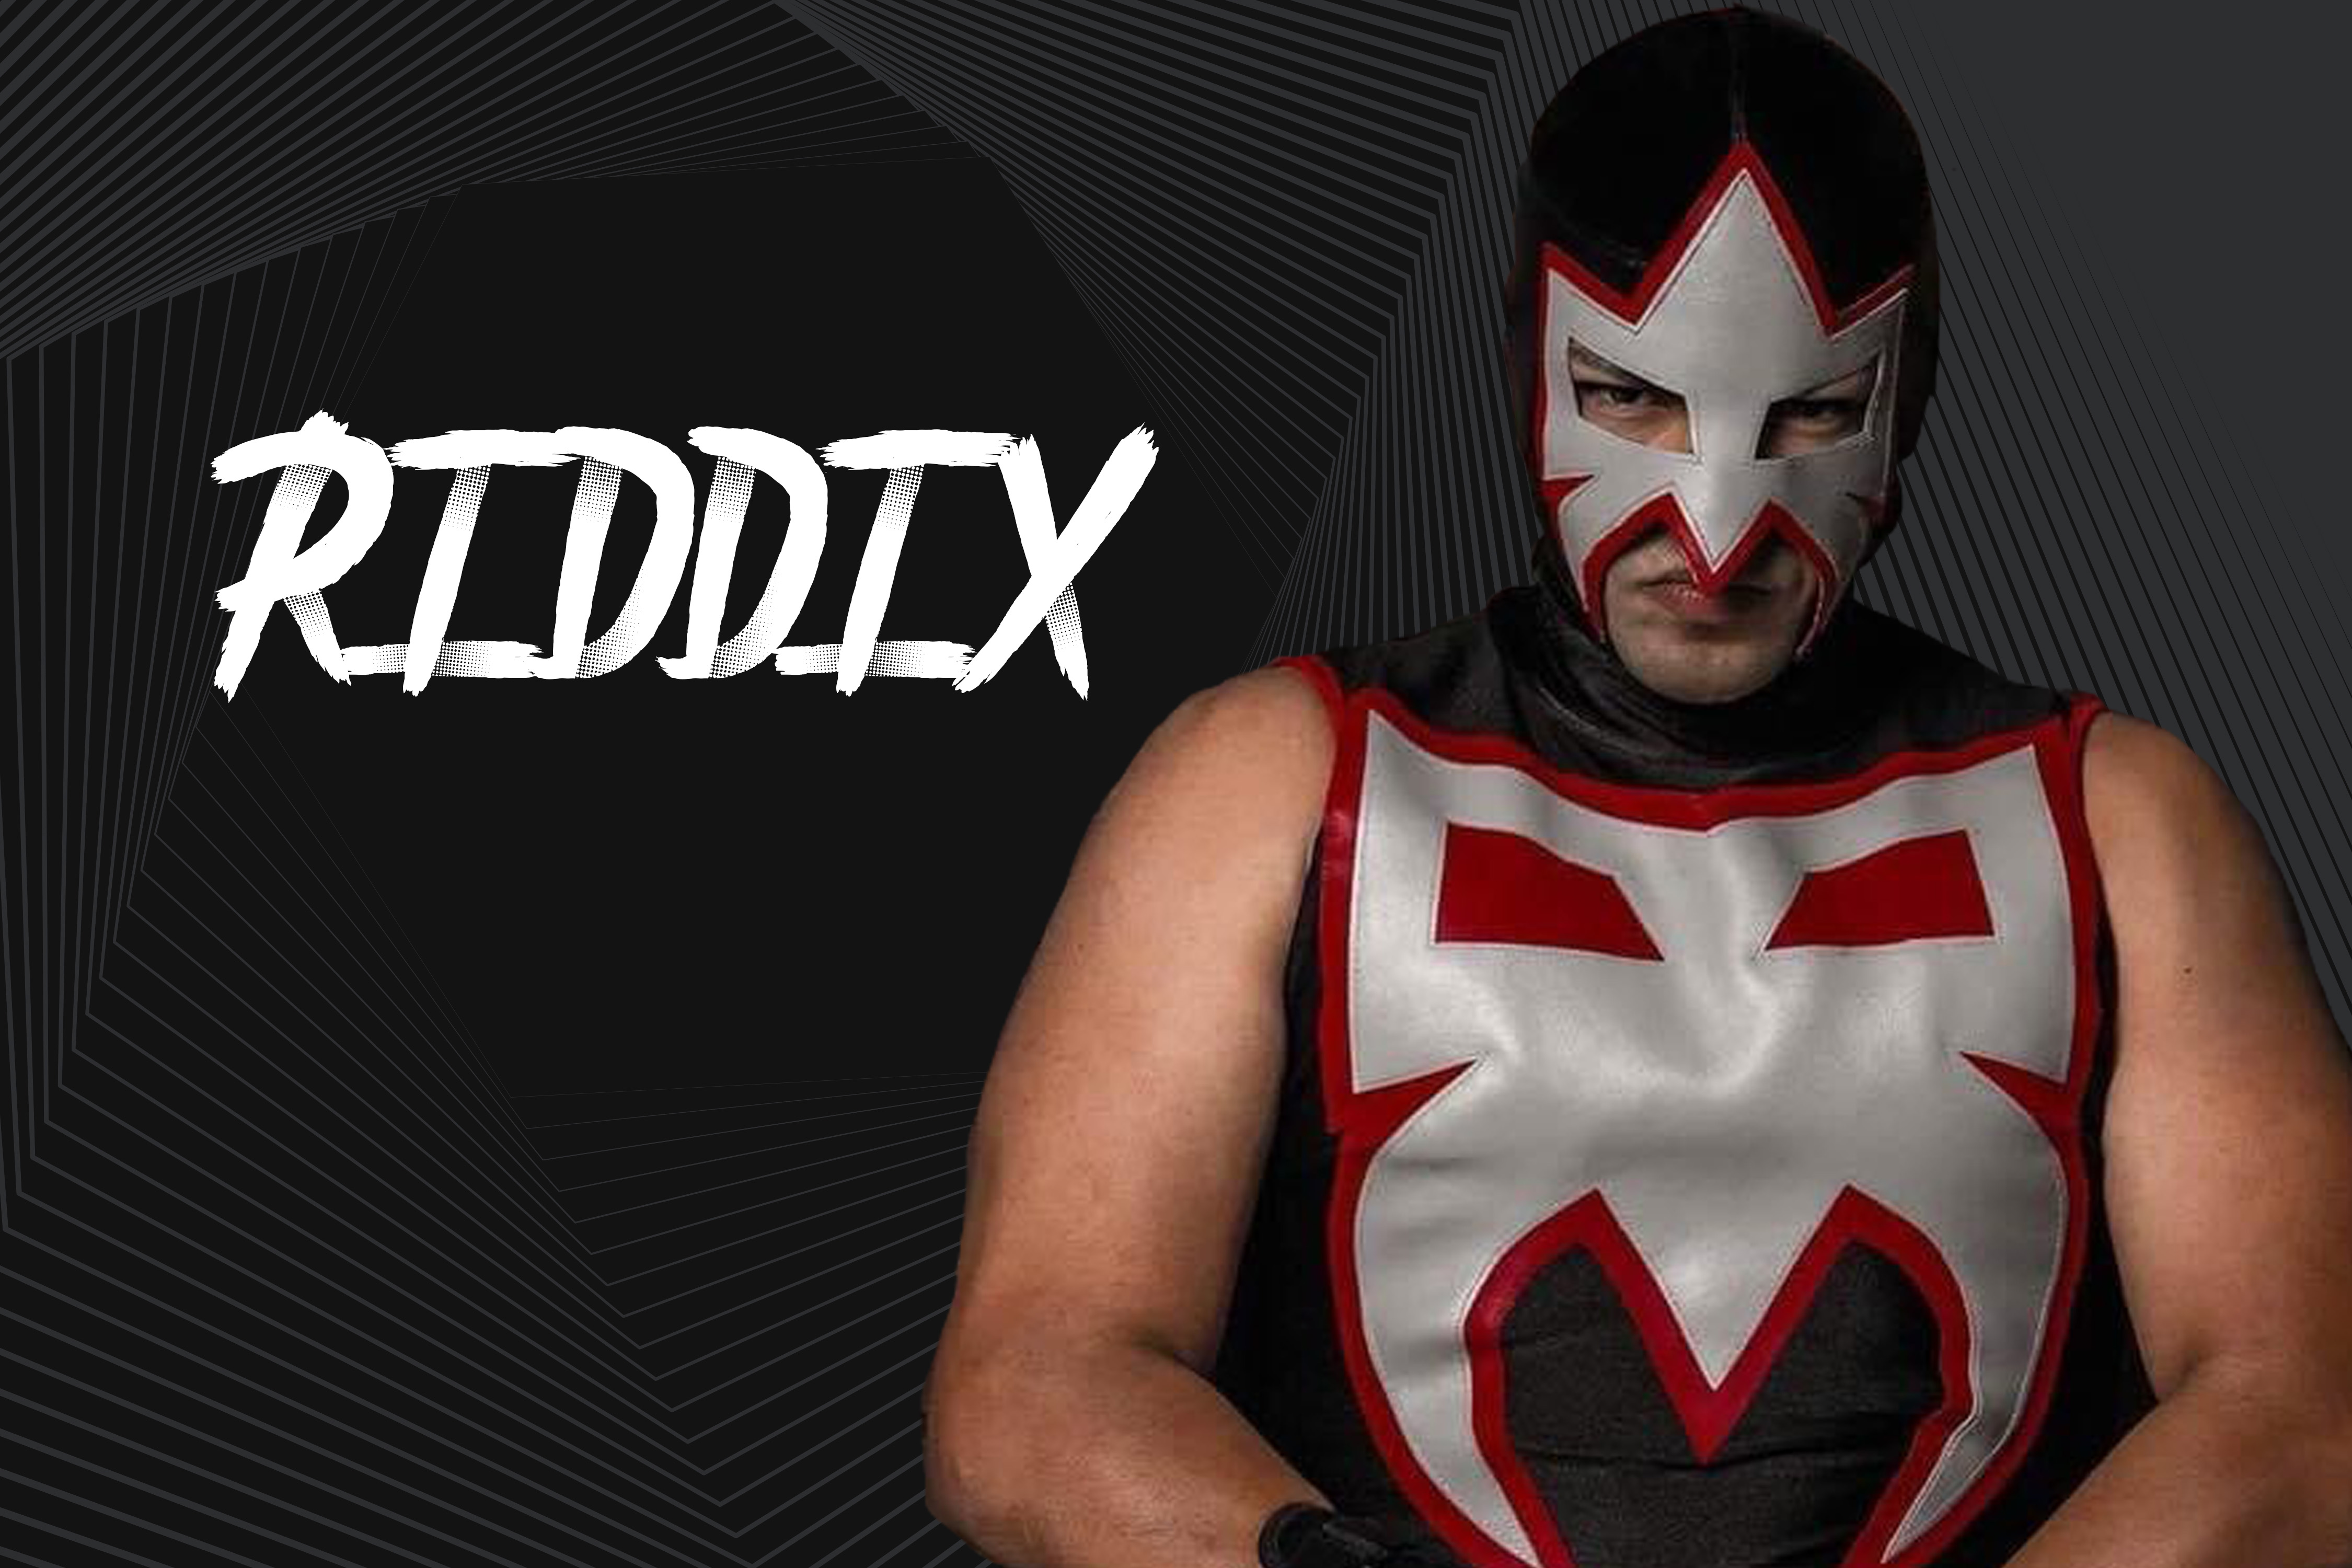 Ridixx